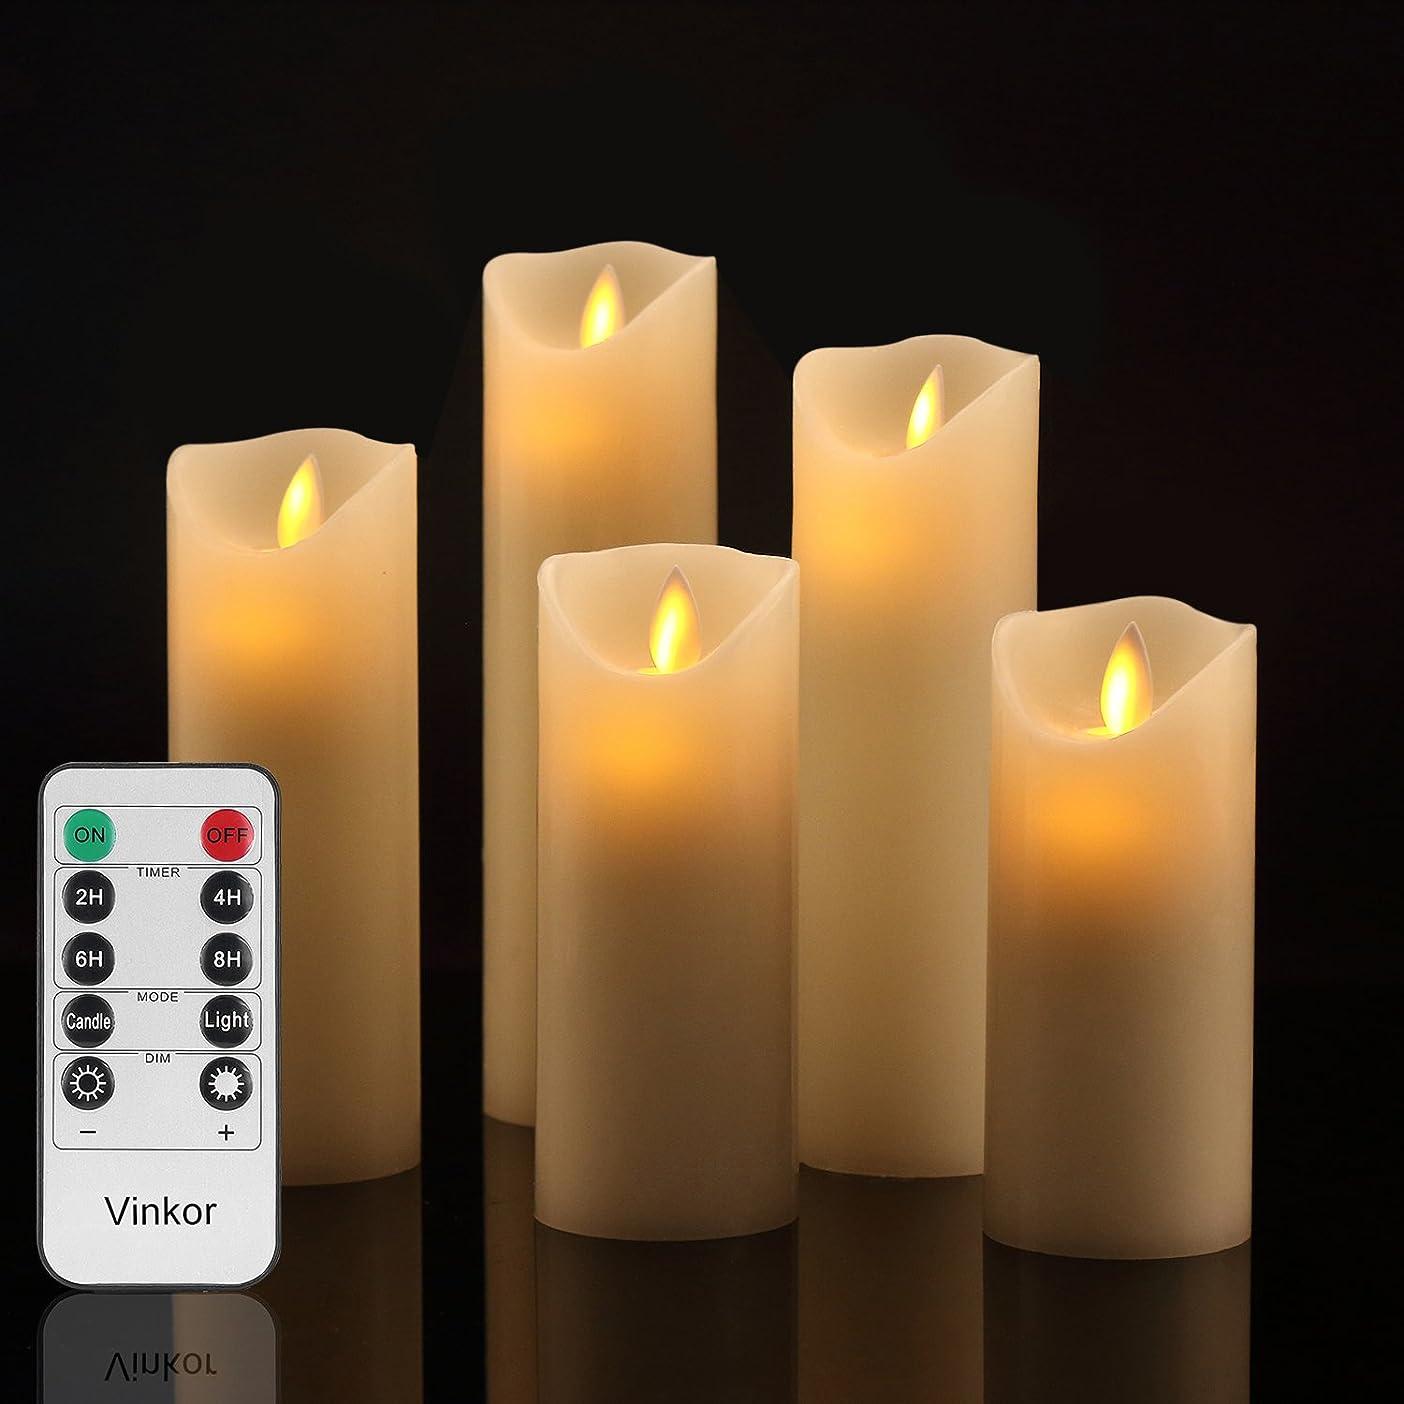 哀れなペイント壊すLED キャンドル ライト 専用リモコン付き 自動消灯タイマー 癒し 雰囲気 (5点セット)